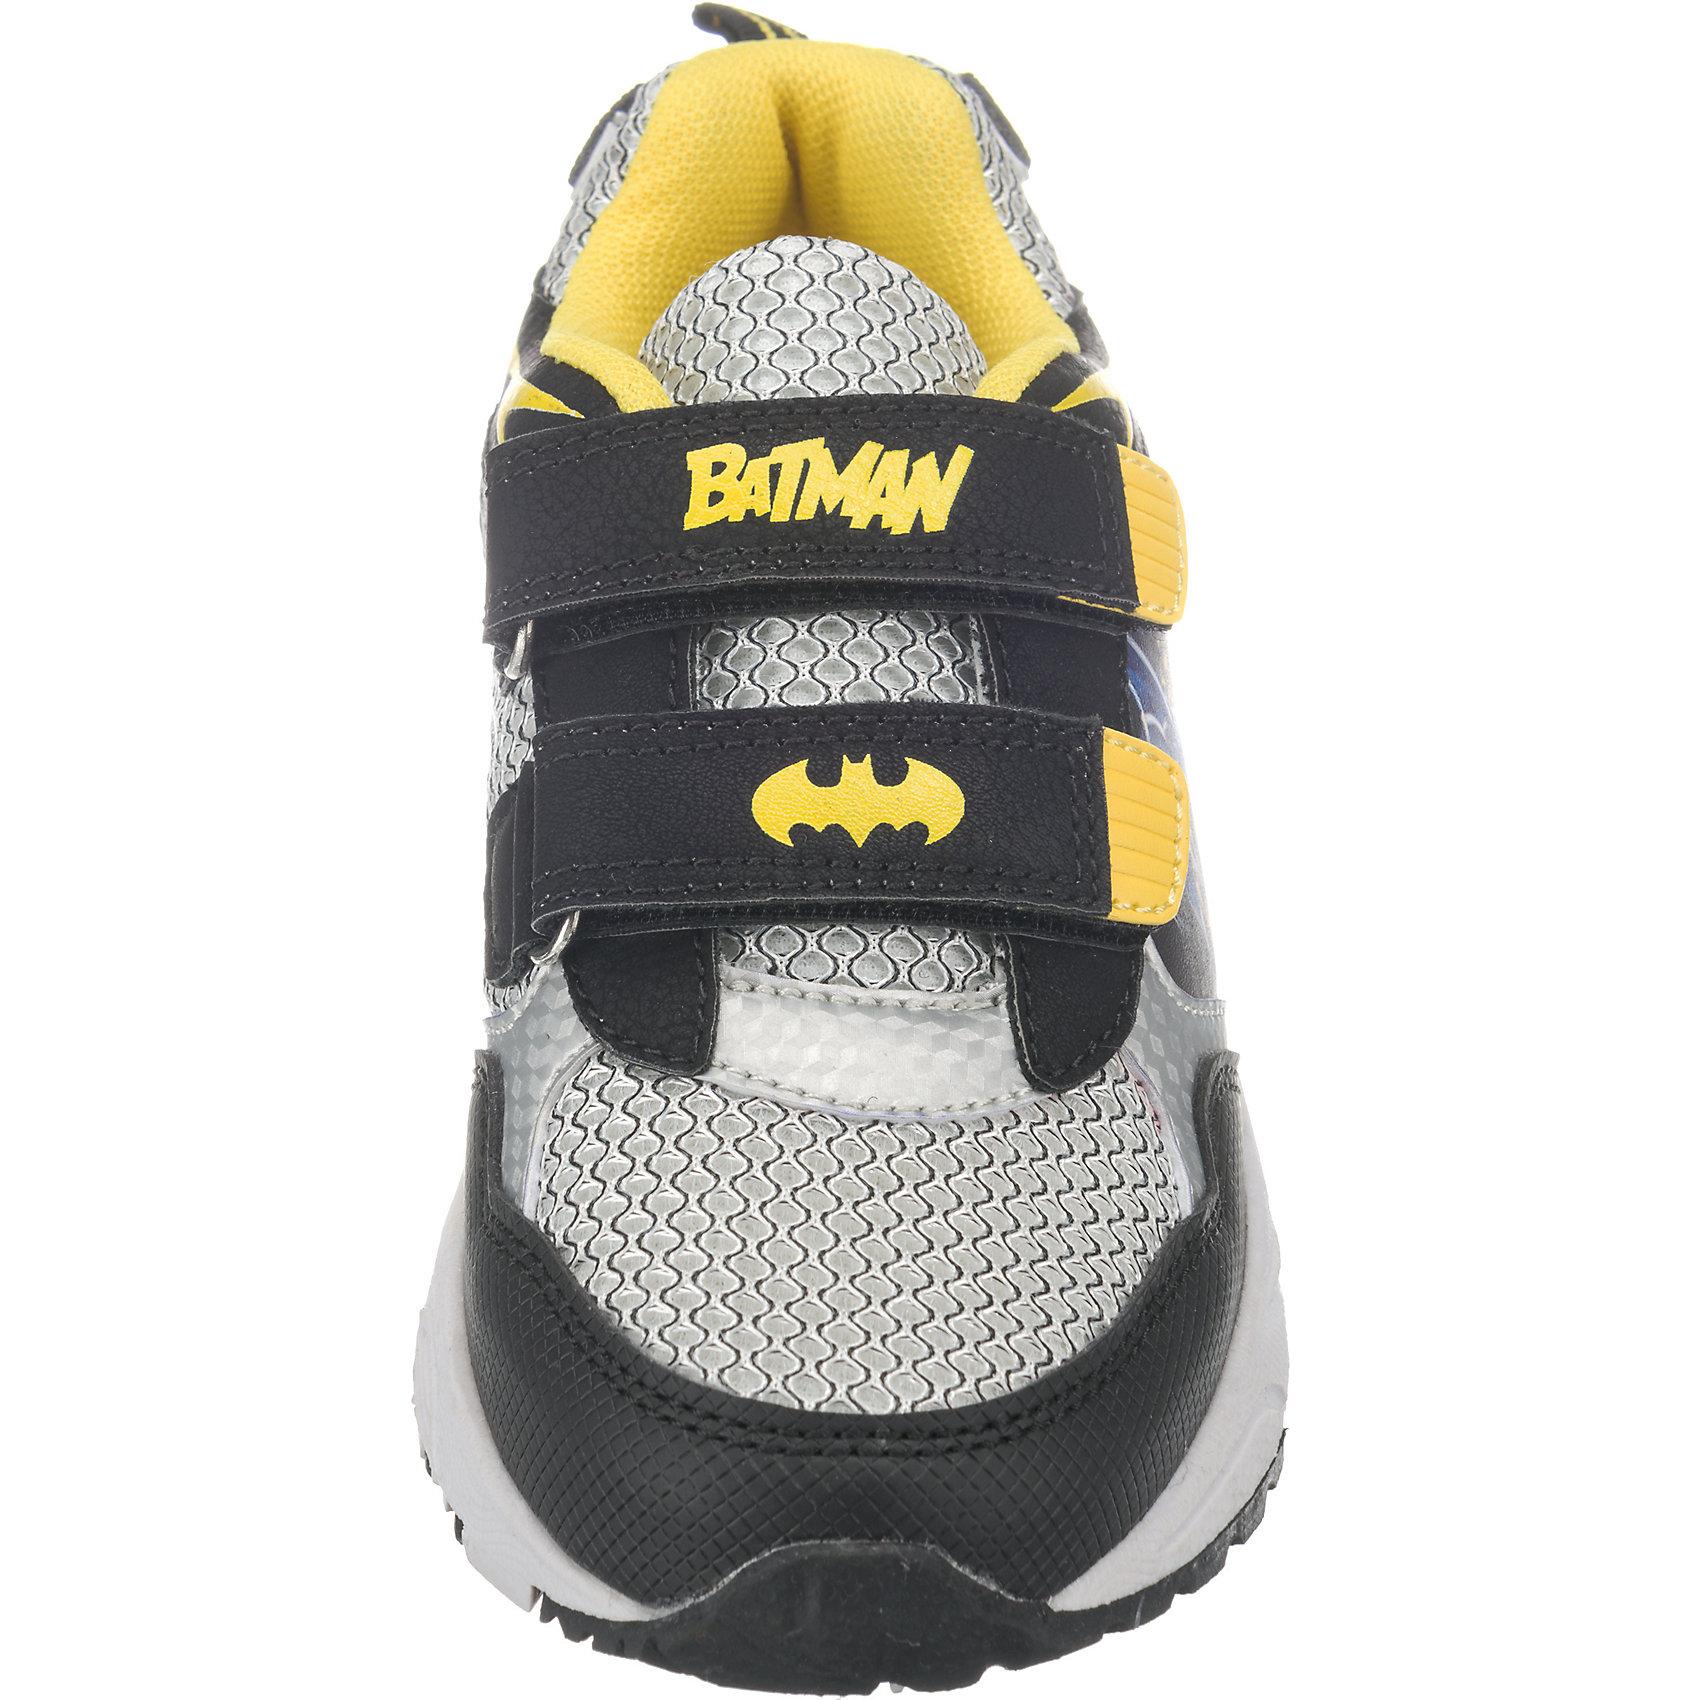 Neu Batman Halbschuhe für Jungen 7388570 für Jungen schwarz